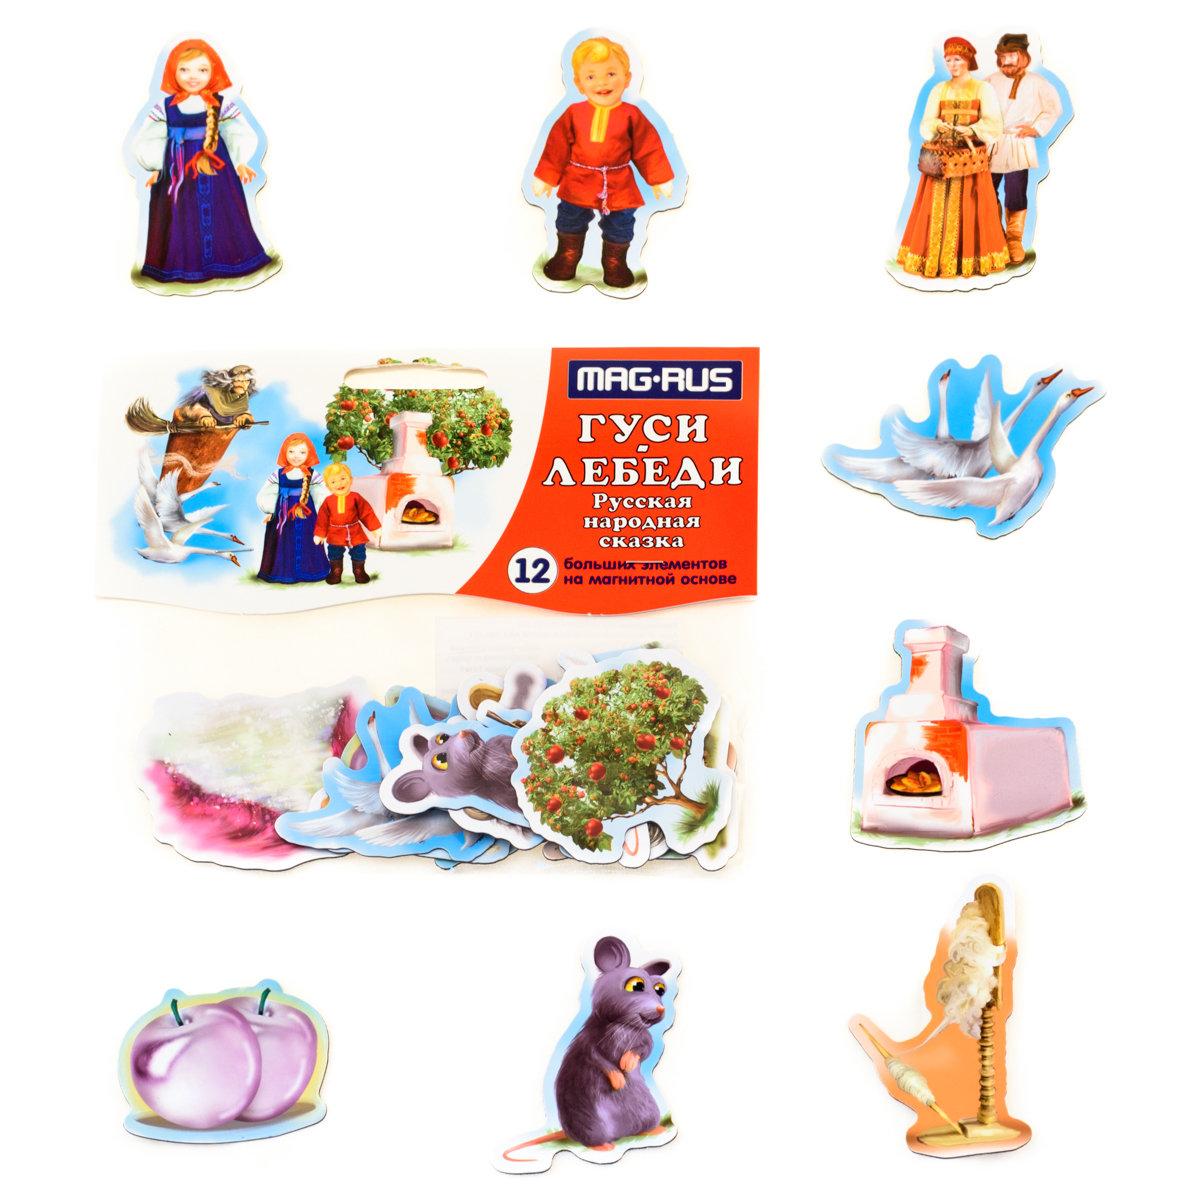 Герои сказки гуси лебеди в картинках для детей